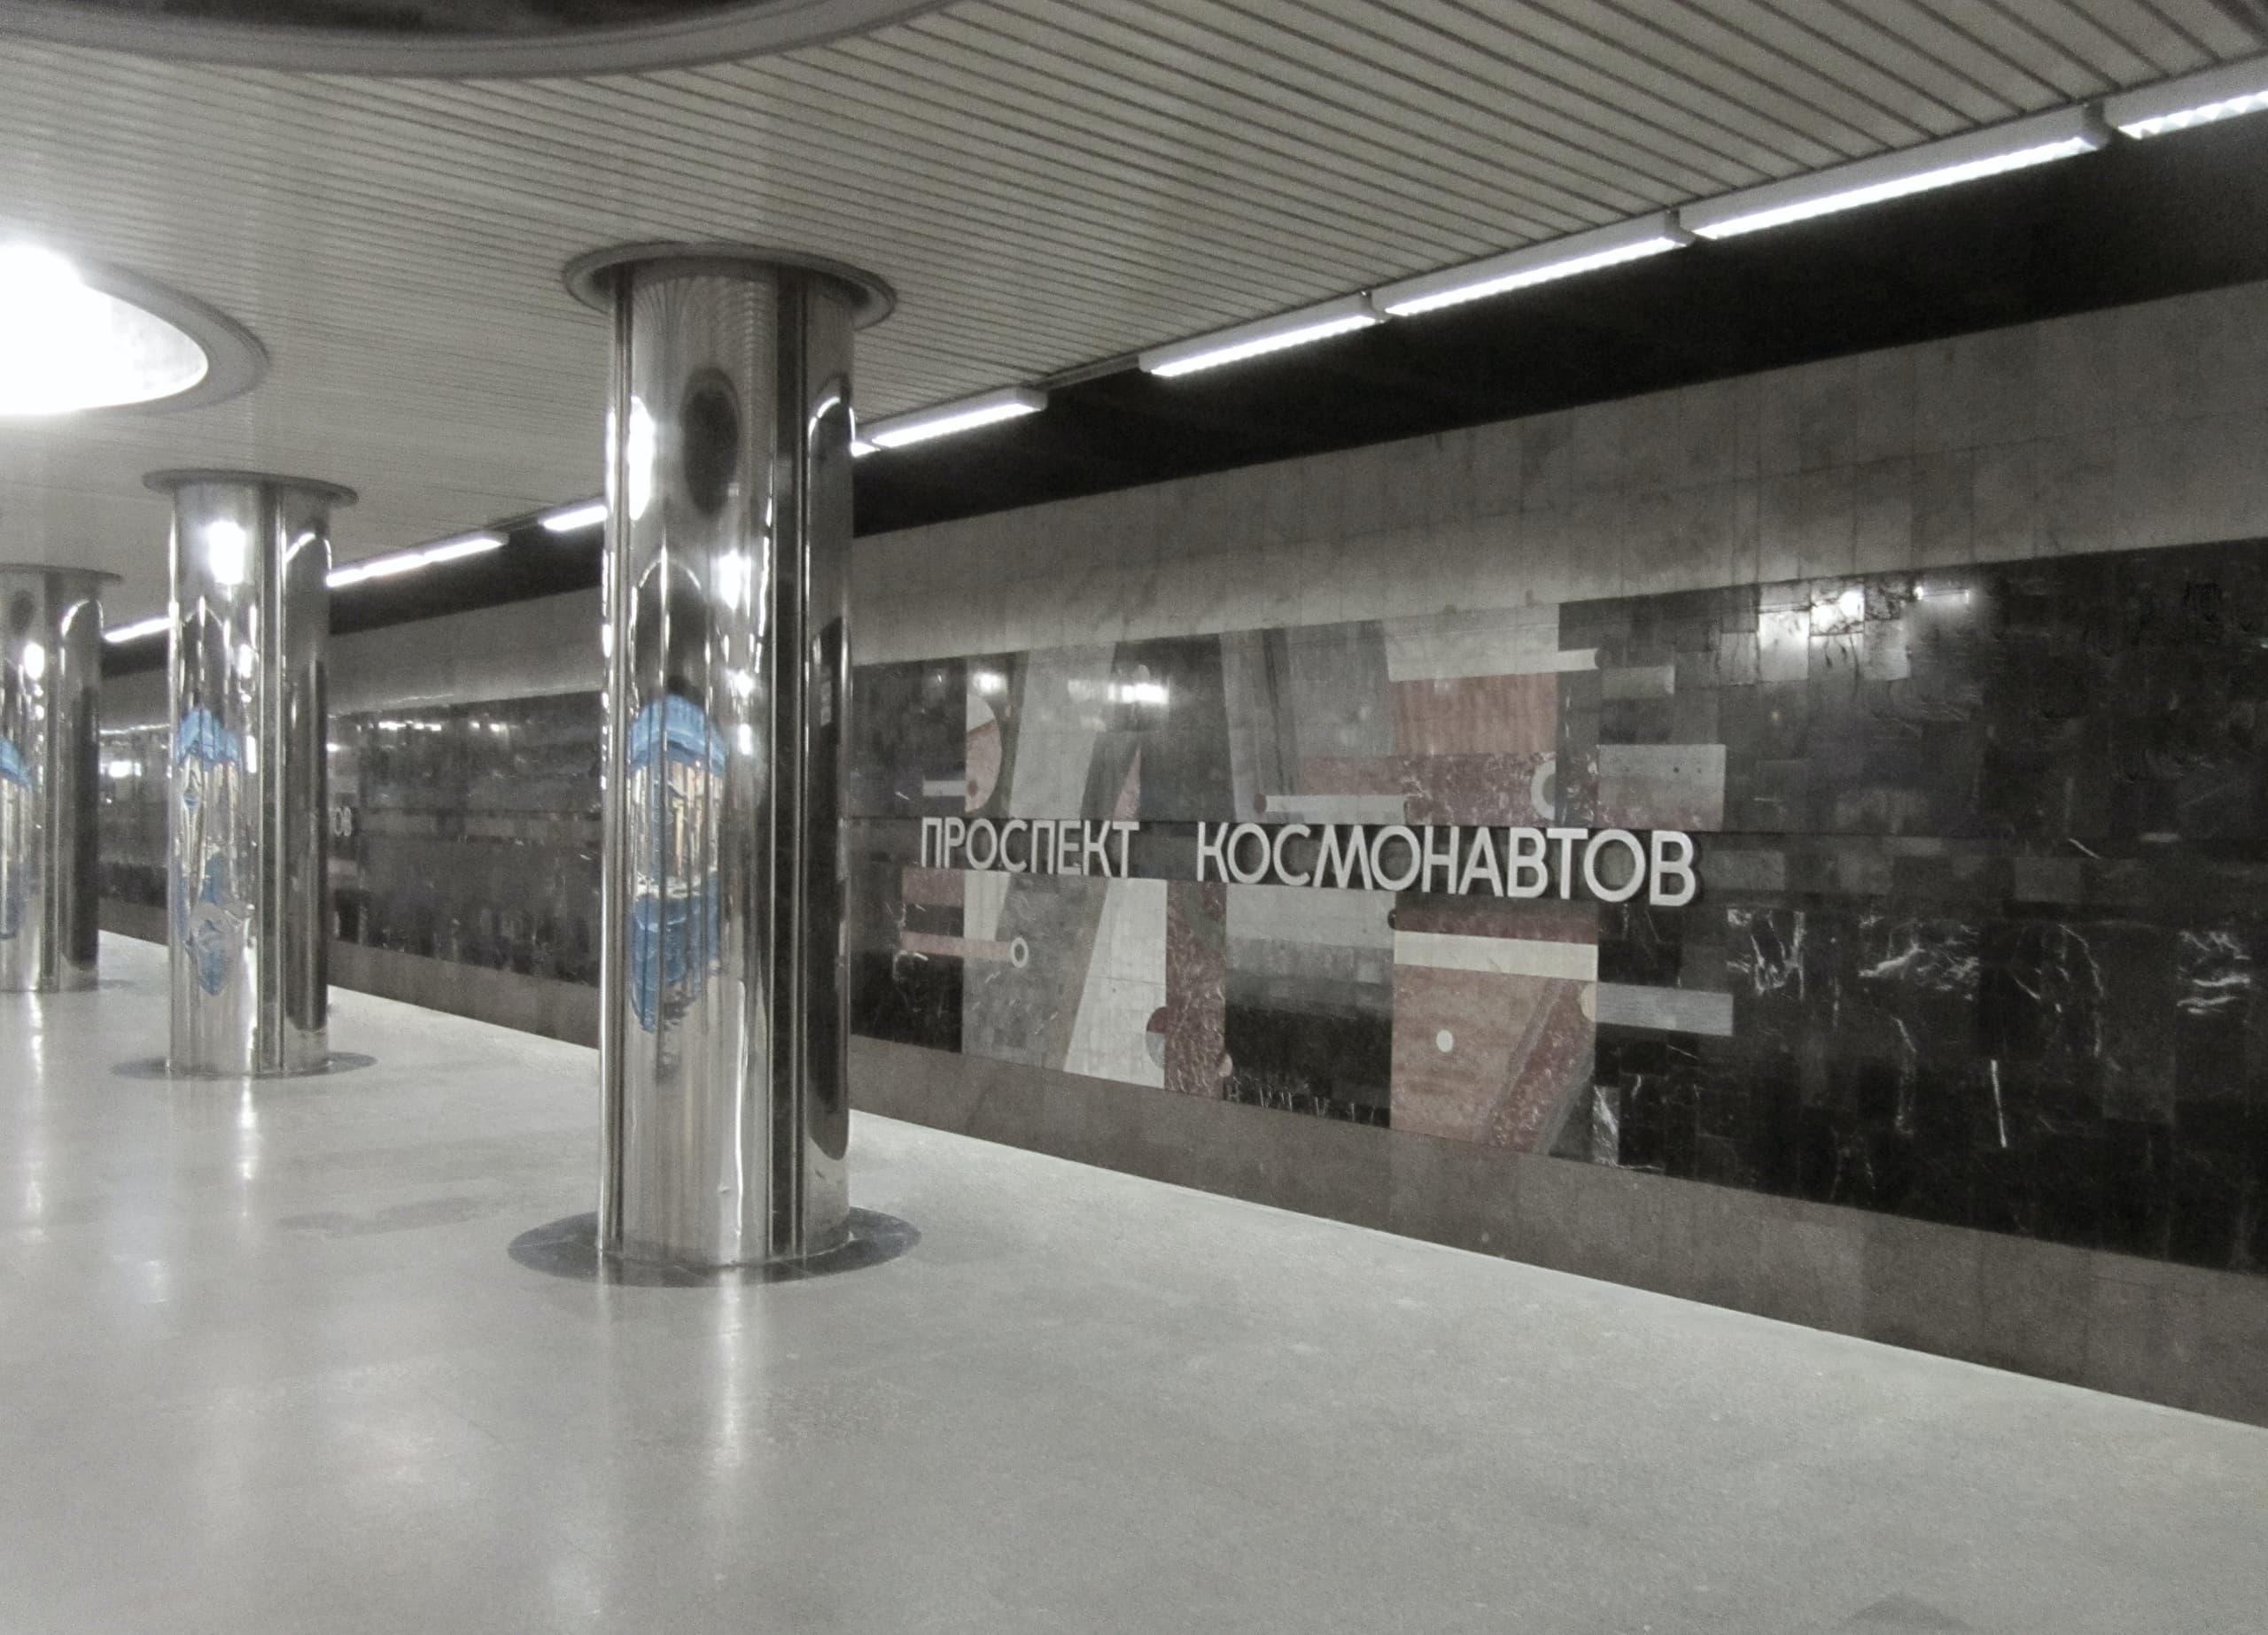 Флорентийская мозаика из уральских камней «Космические пейзажи» на путевых стенах, автор Борис Клочков, метро «Проспект Космонавтов»